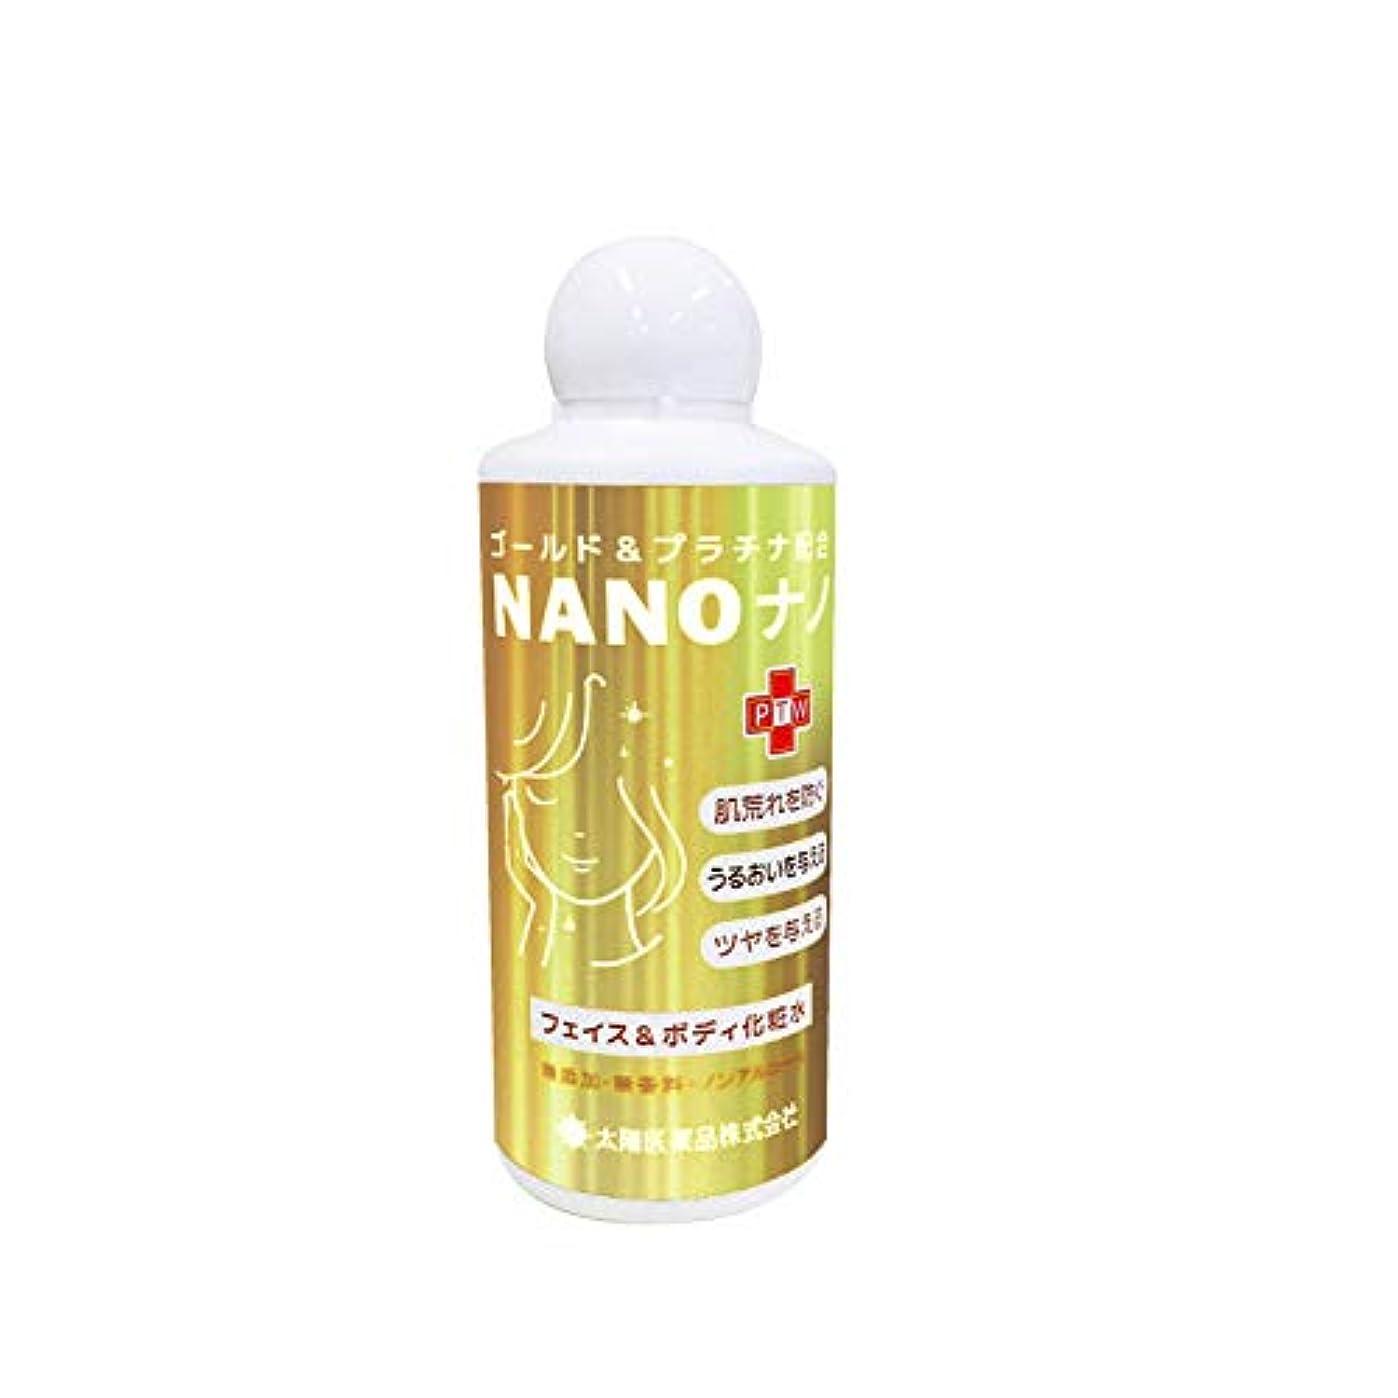 熱狂的なオーバーフロー弱めるNANO フェイス&ボディ化粧水